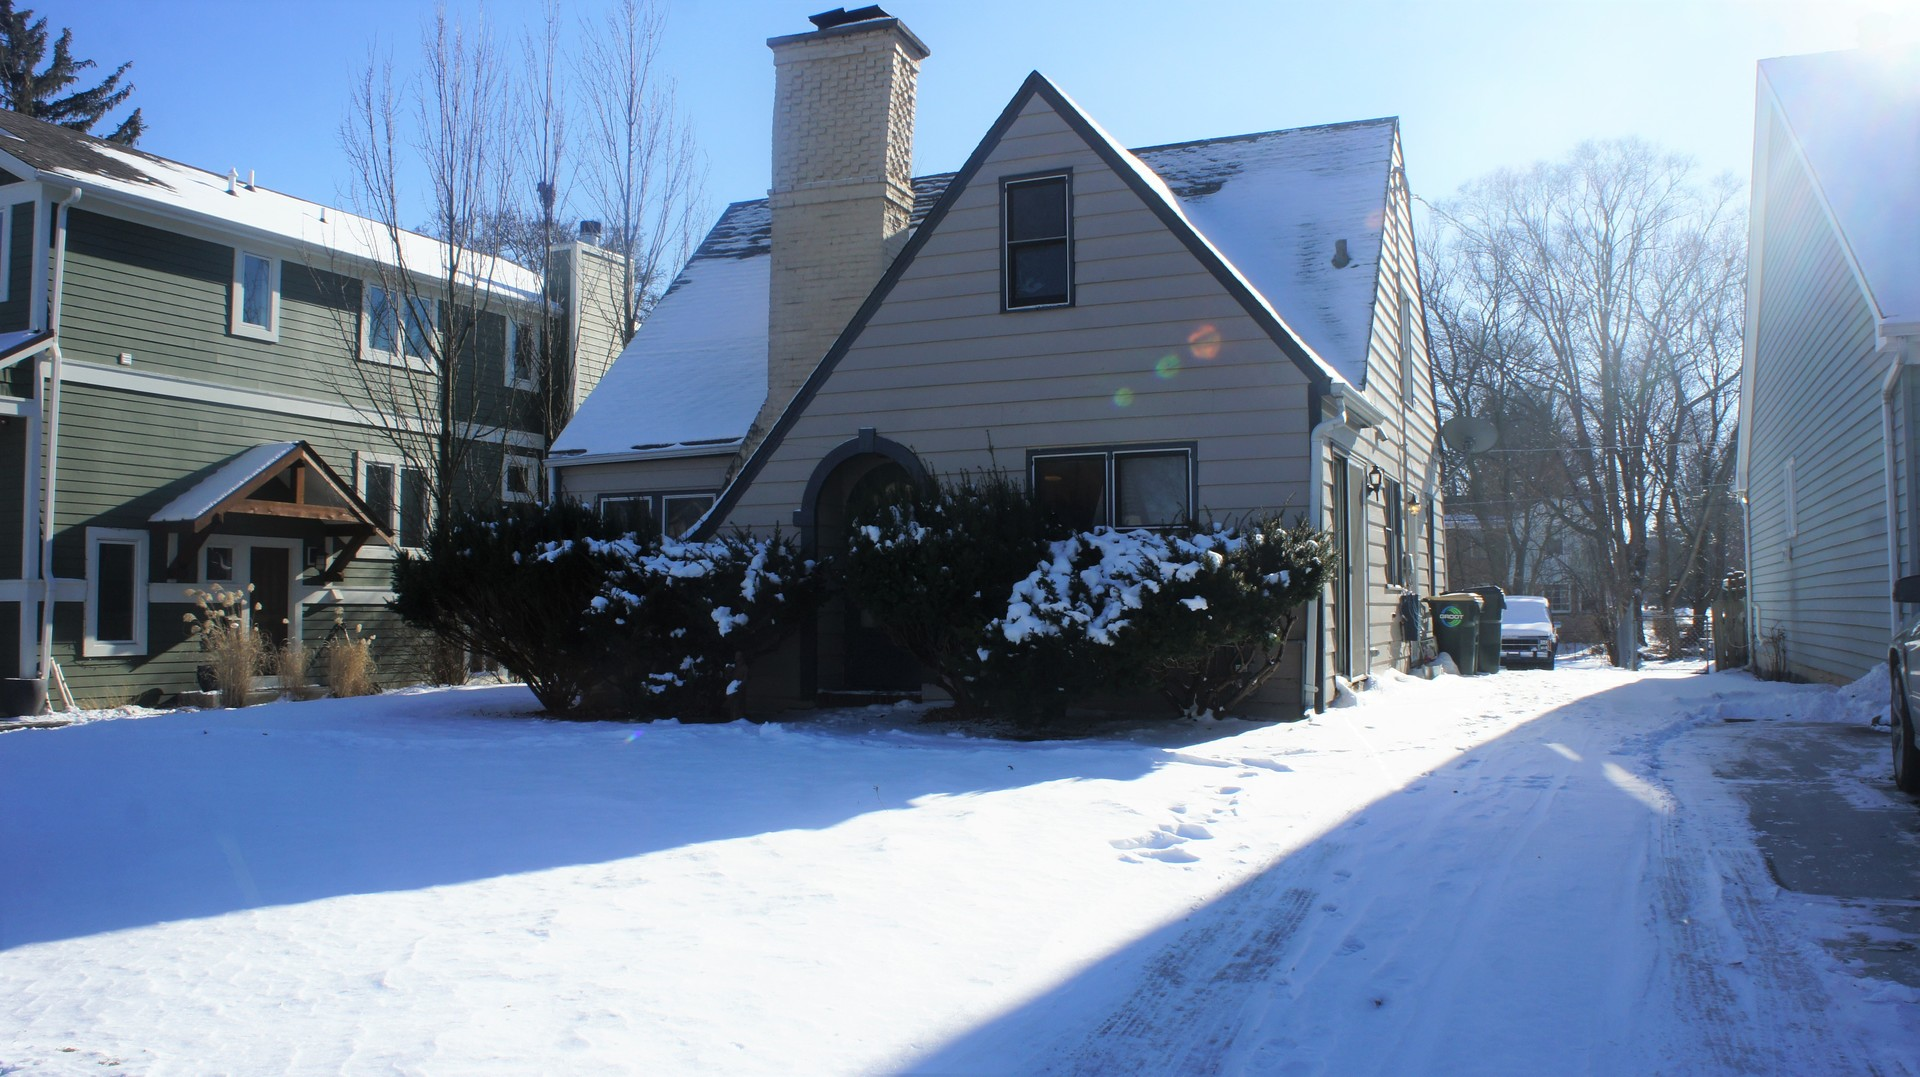 717 Meadow Lane, Libertyville IL 60048